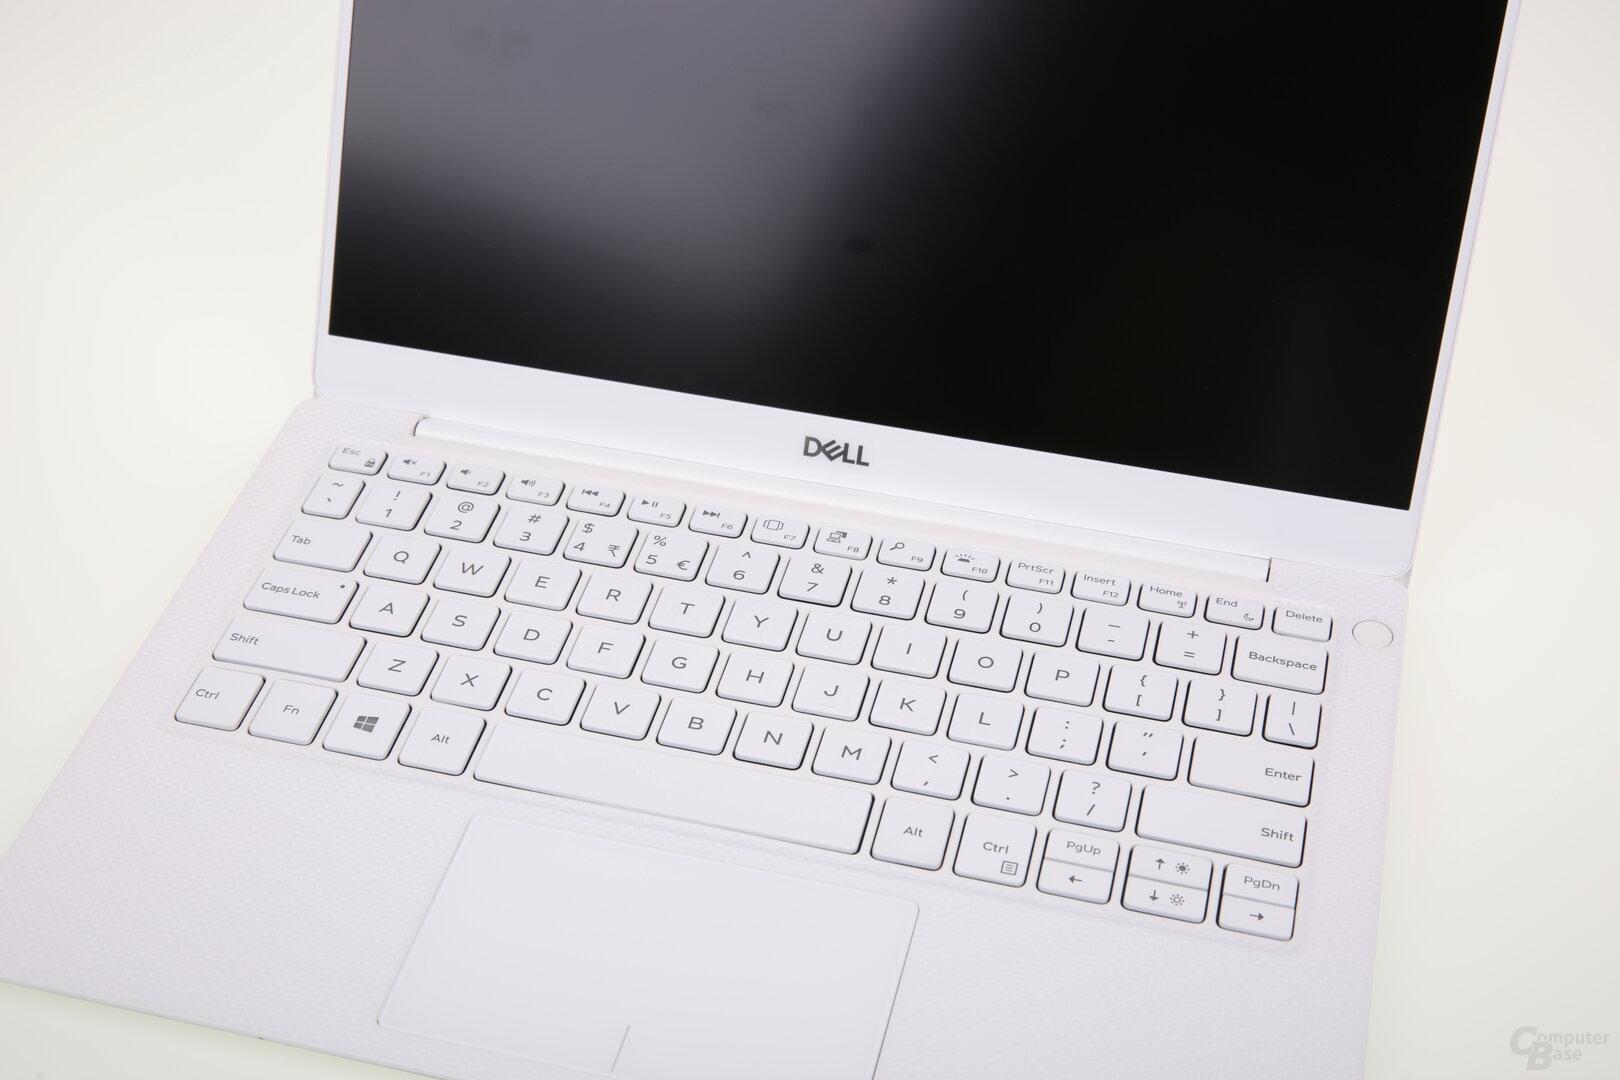 Bekannte Tastatur wie beim 9370 (hier mit QWERY-Layout)